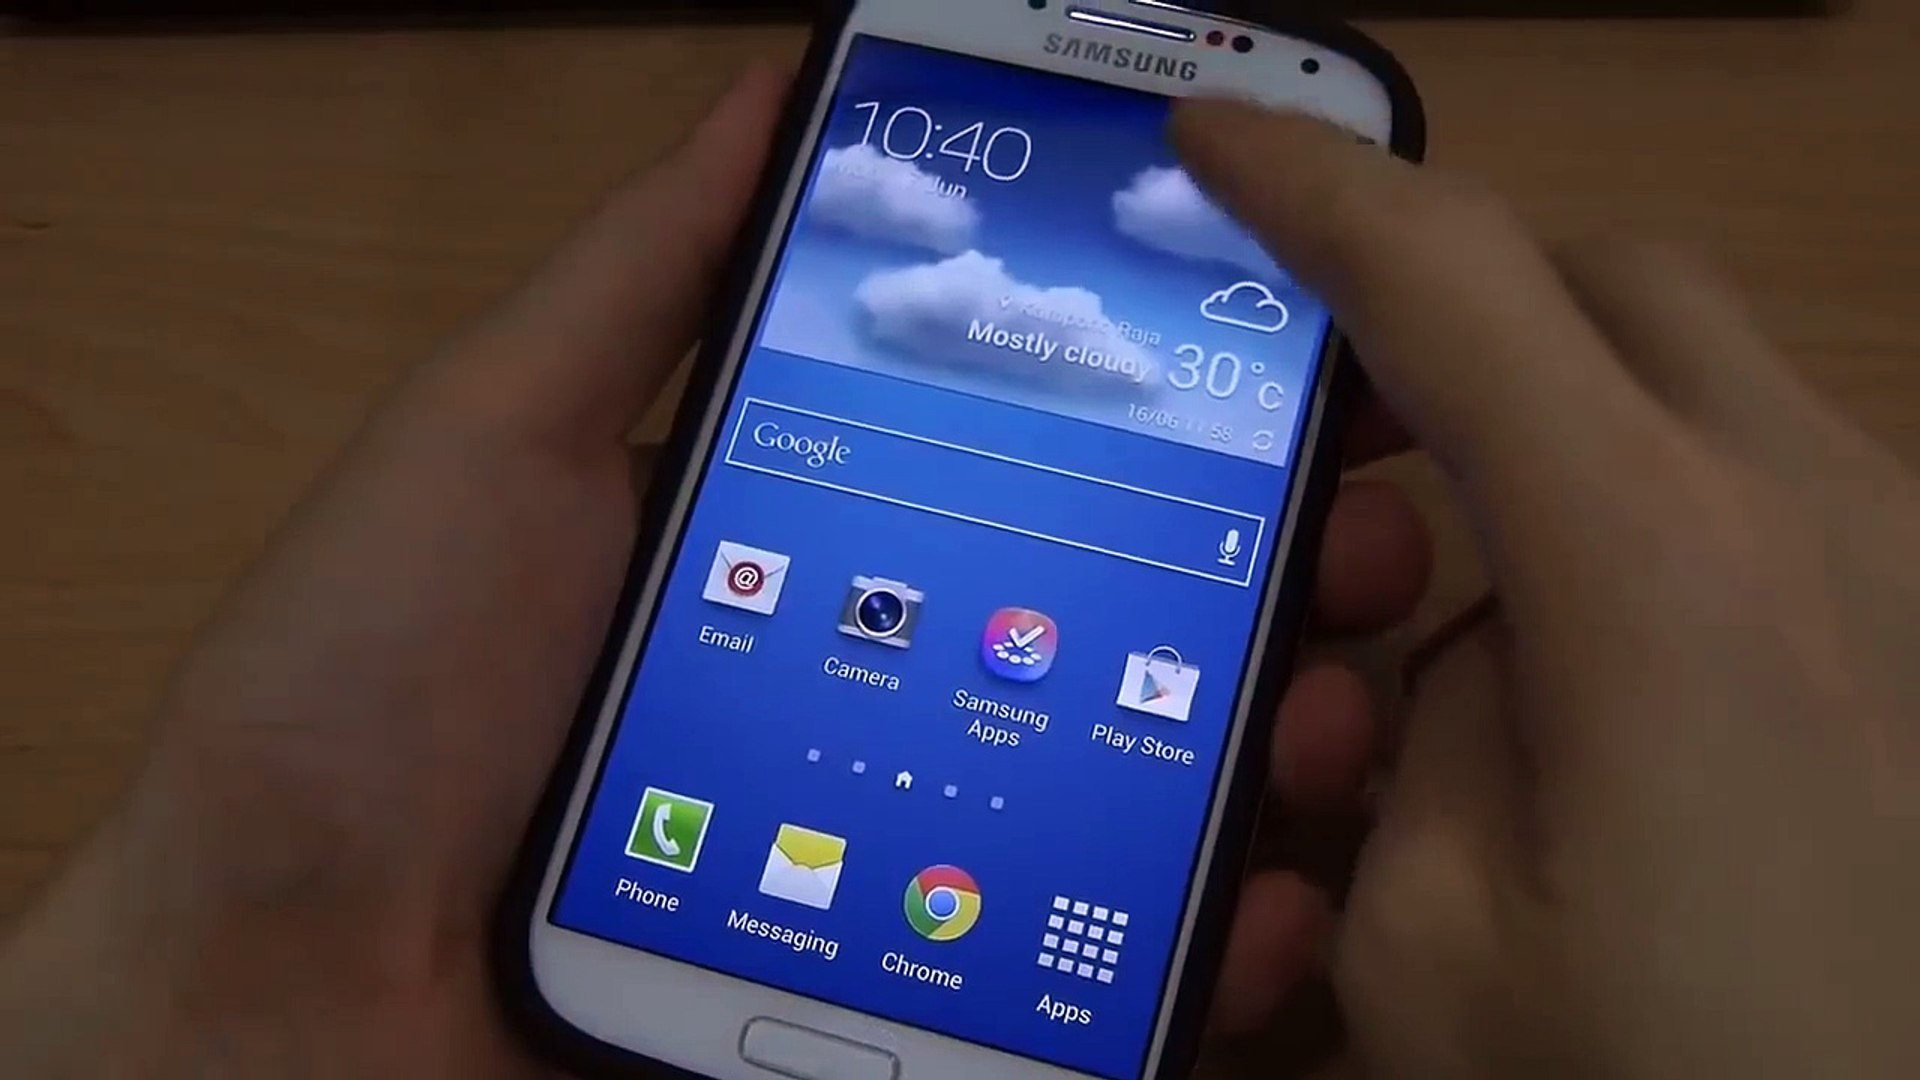 Samsung vibrant stock rom odin